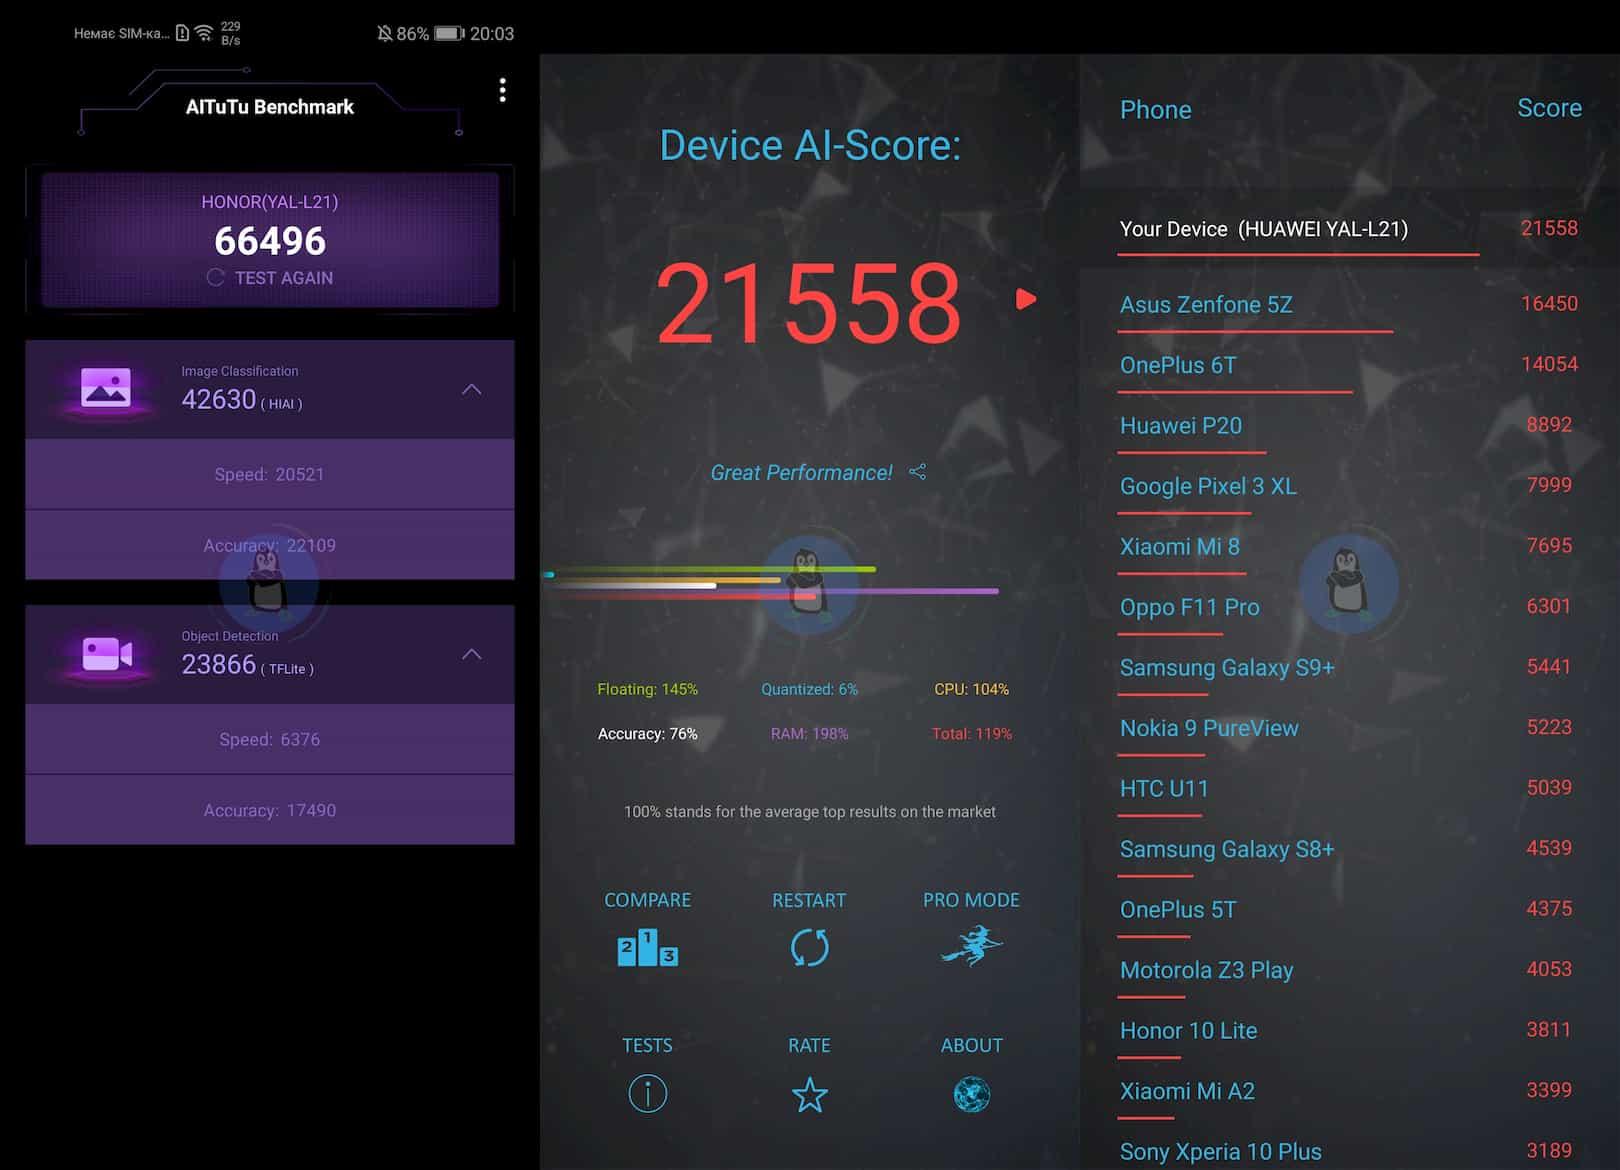 Honor 20 - AI Benchmark / AITuTu